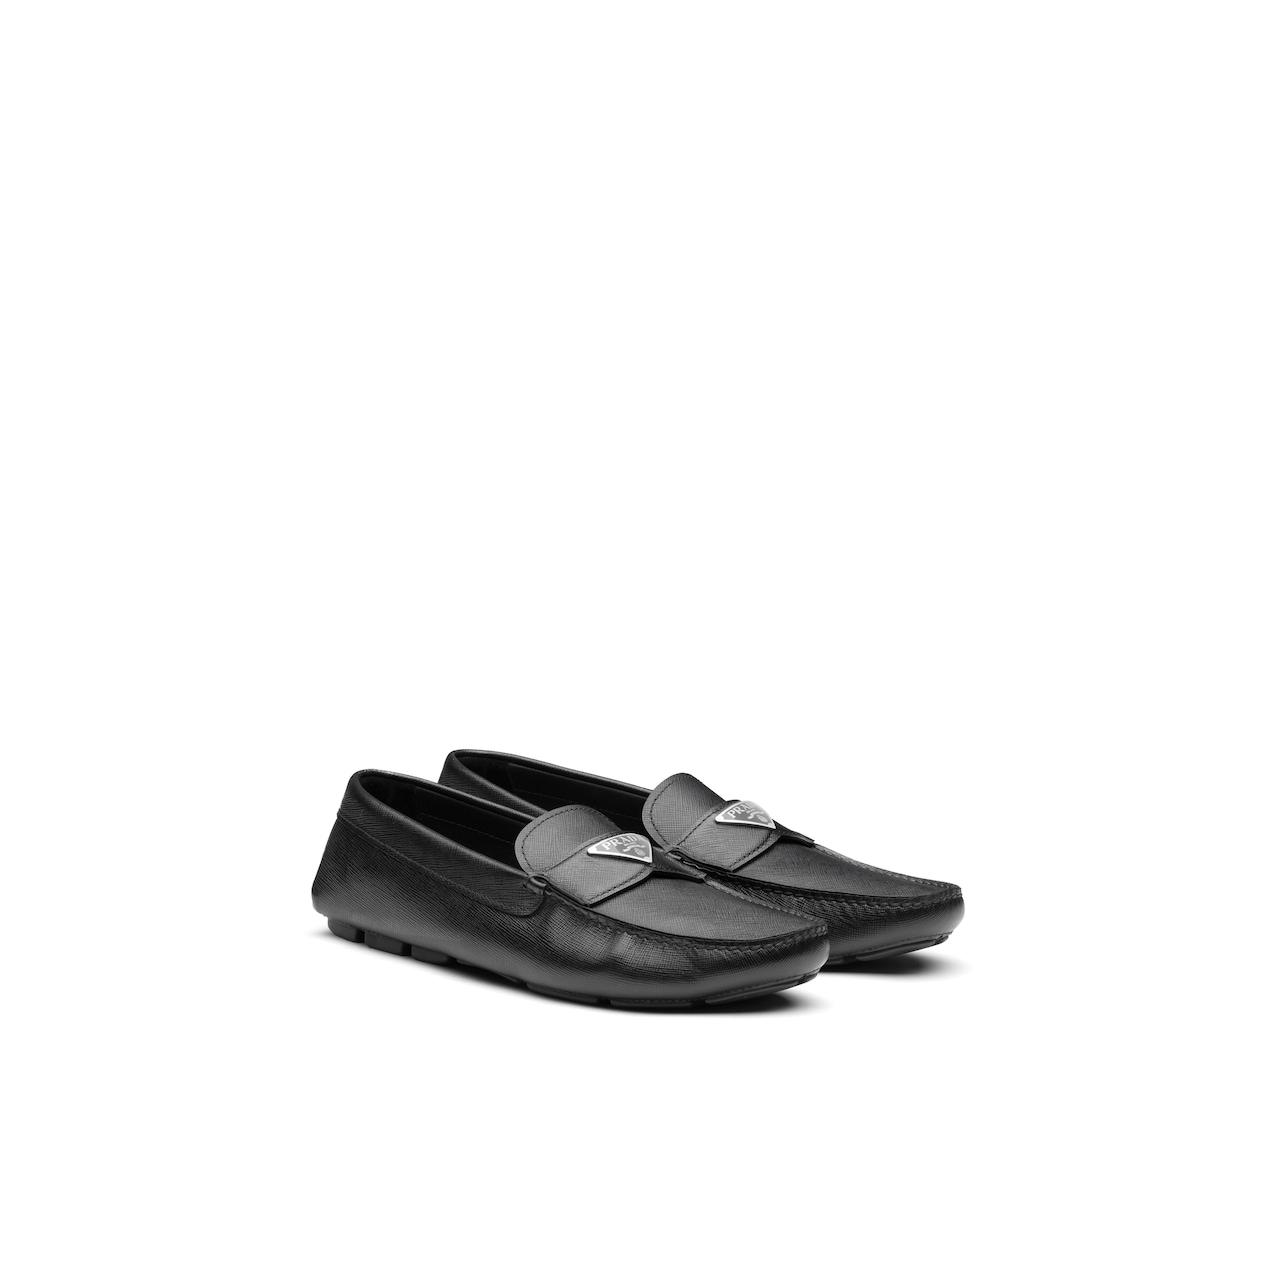 Prada Saffiano 皮革乐福鞋 1